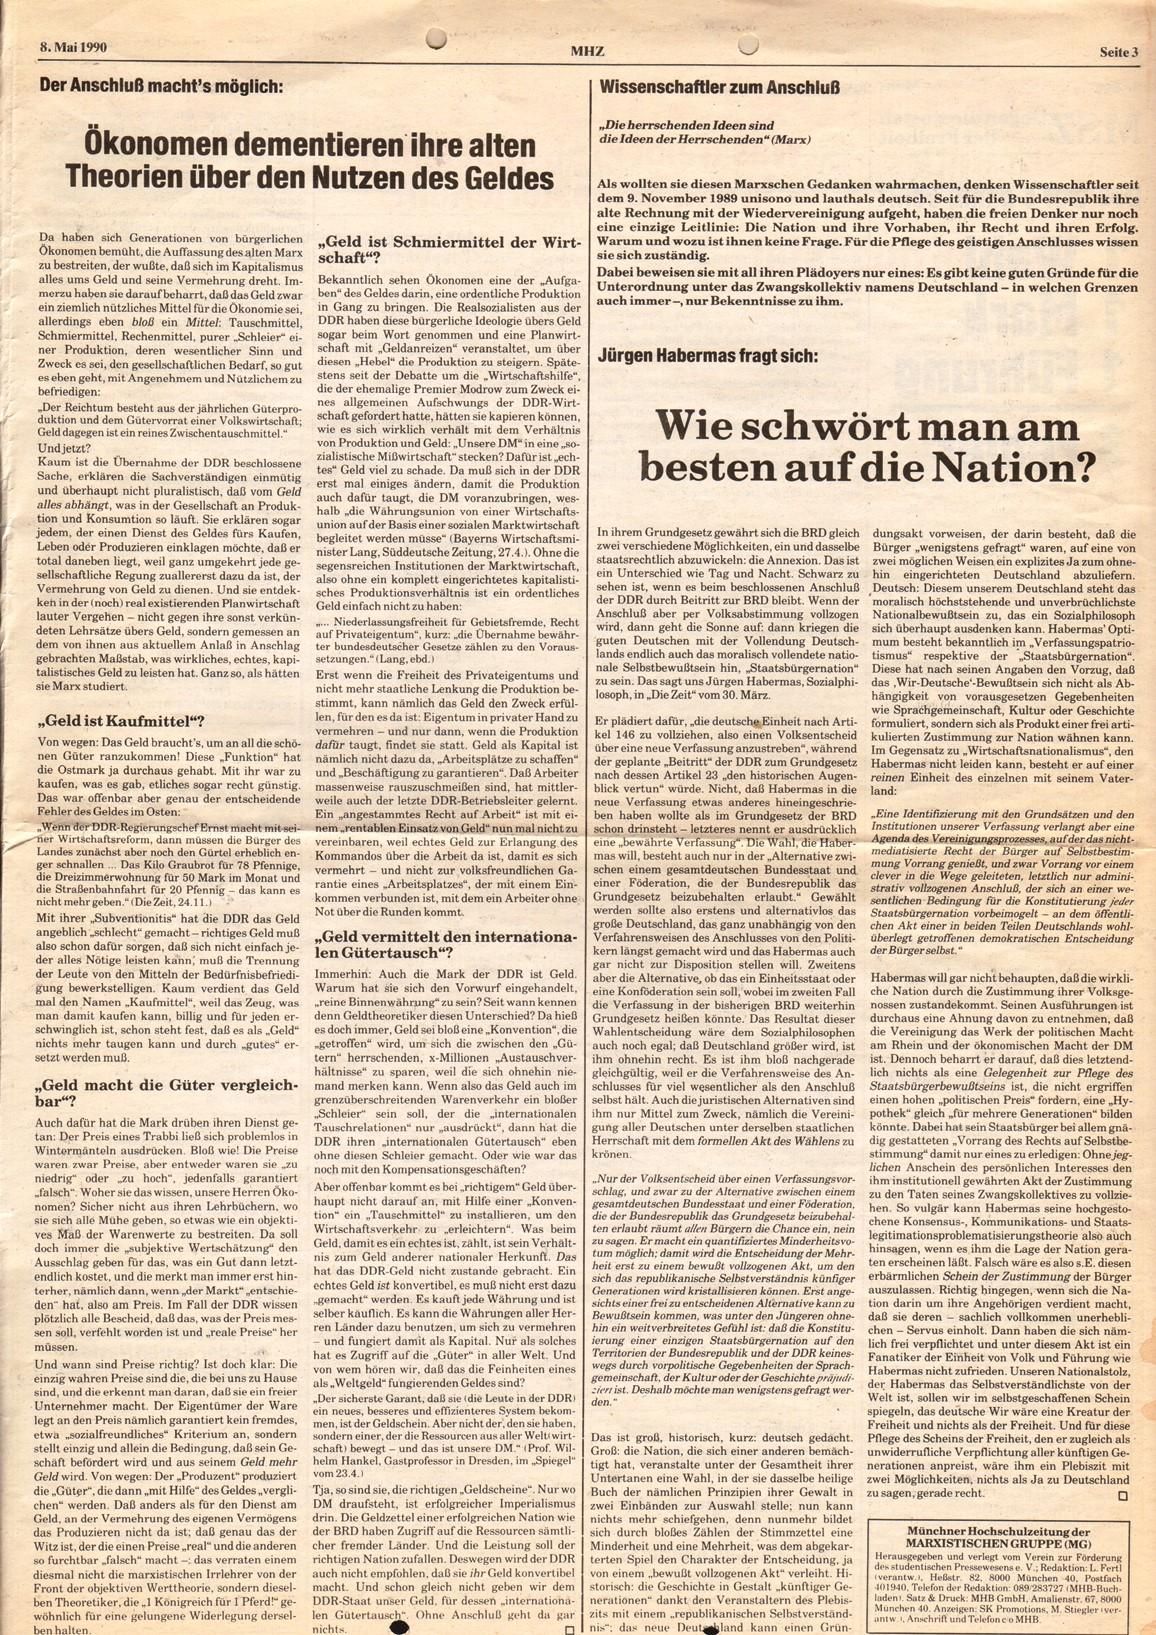 Muenchen_MG_Hochschulzeitung_19900508_03